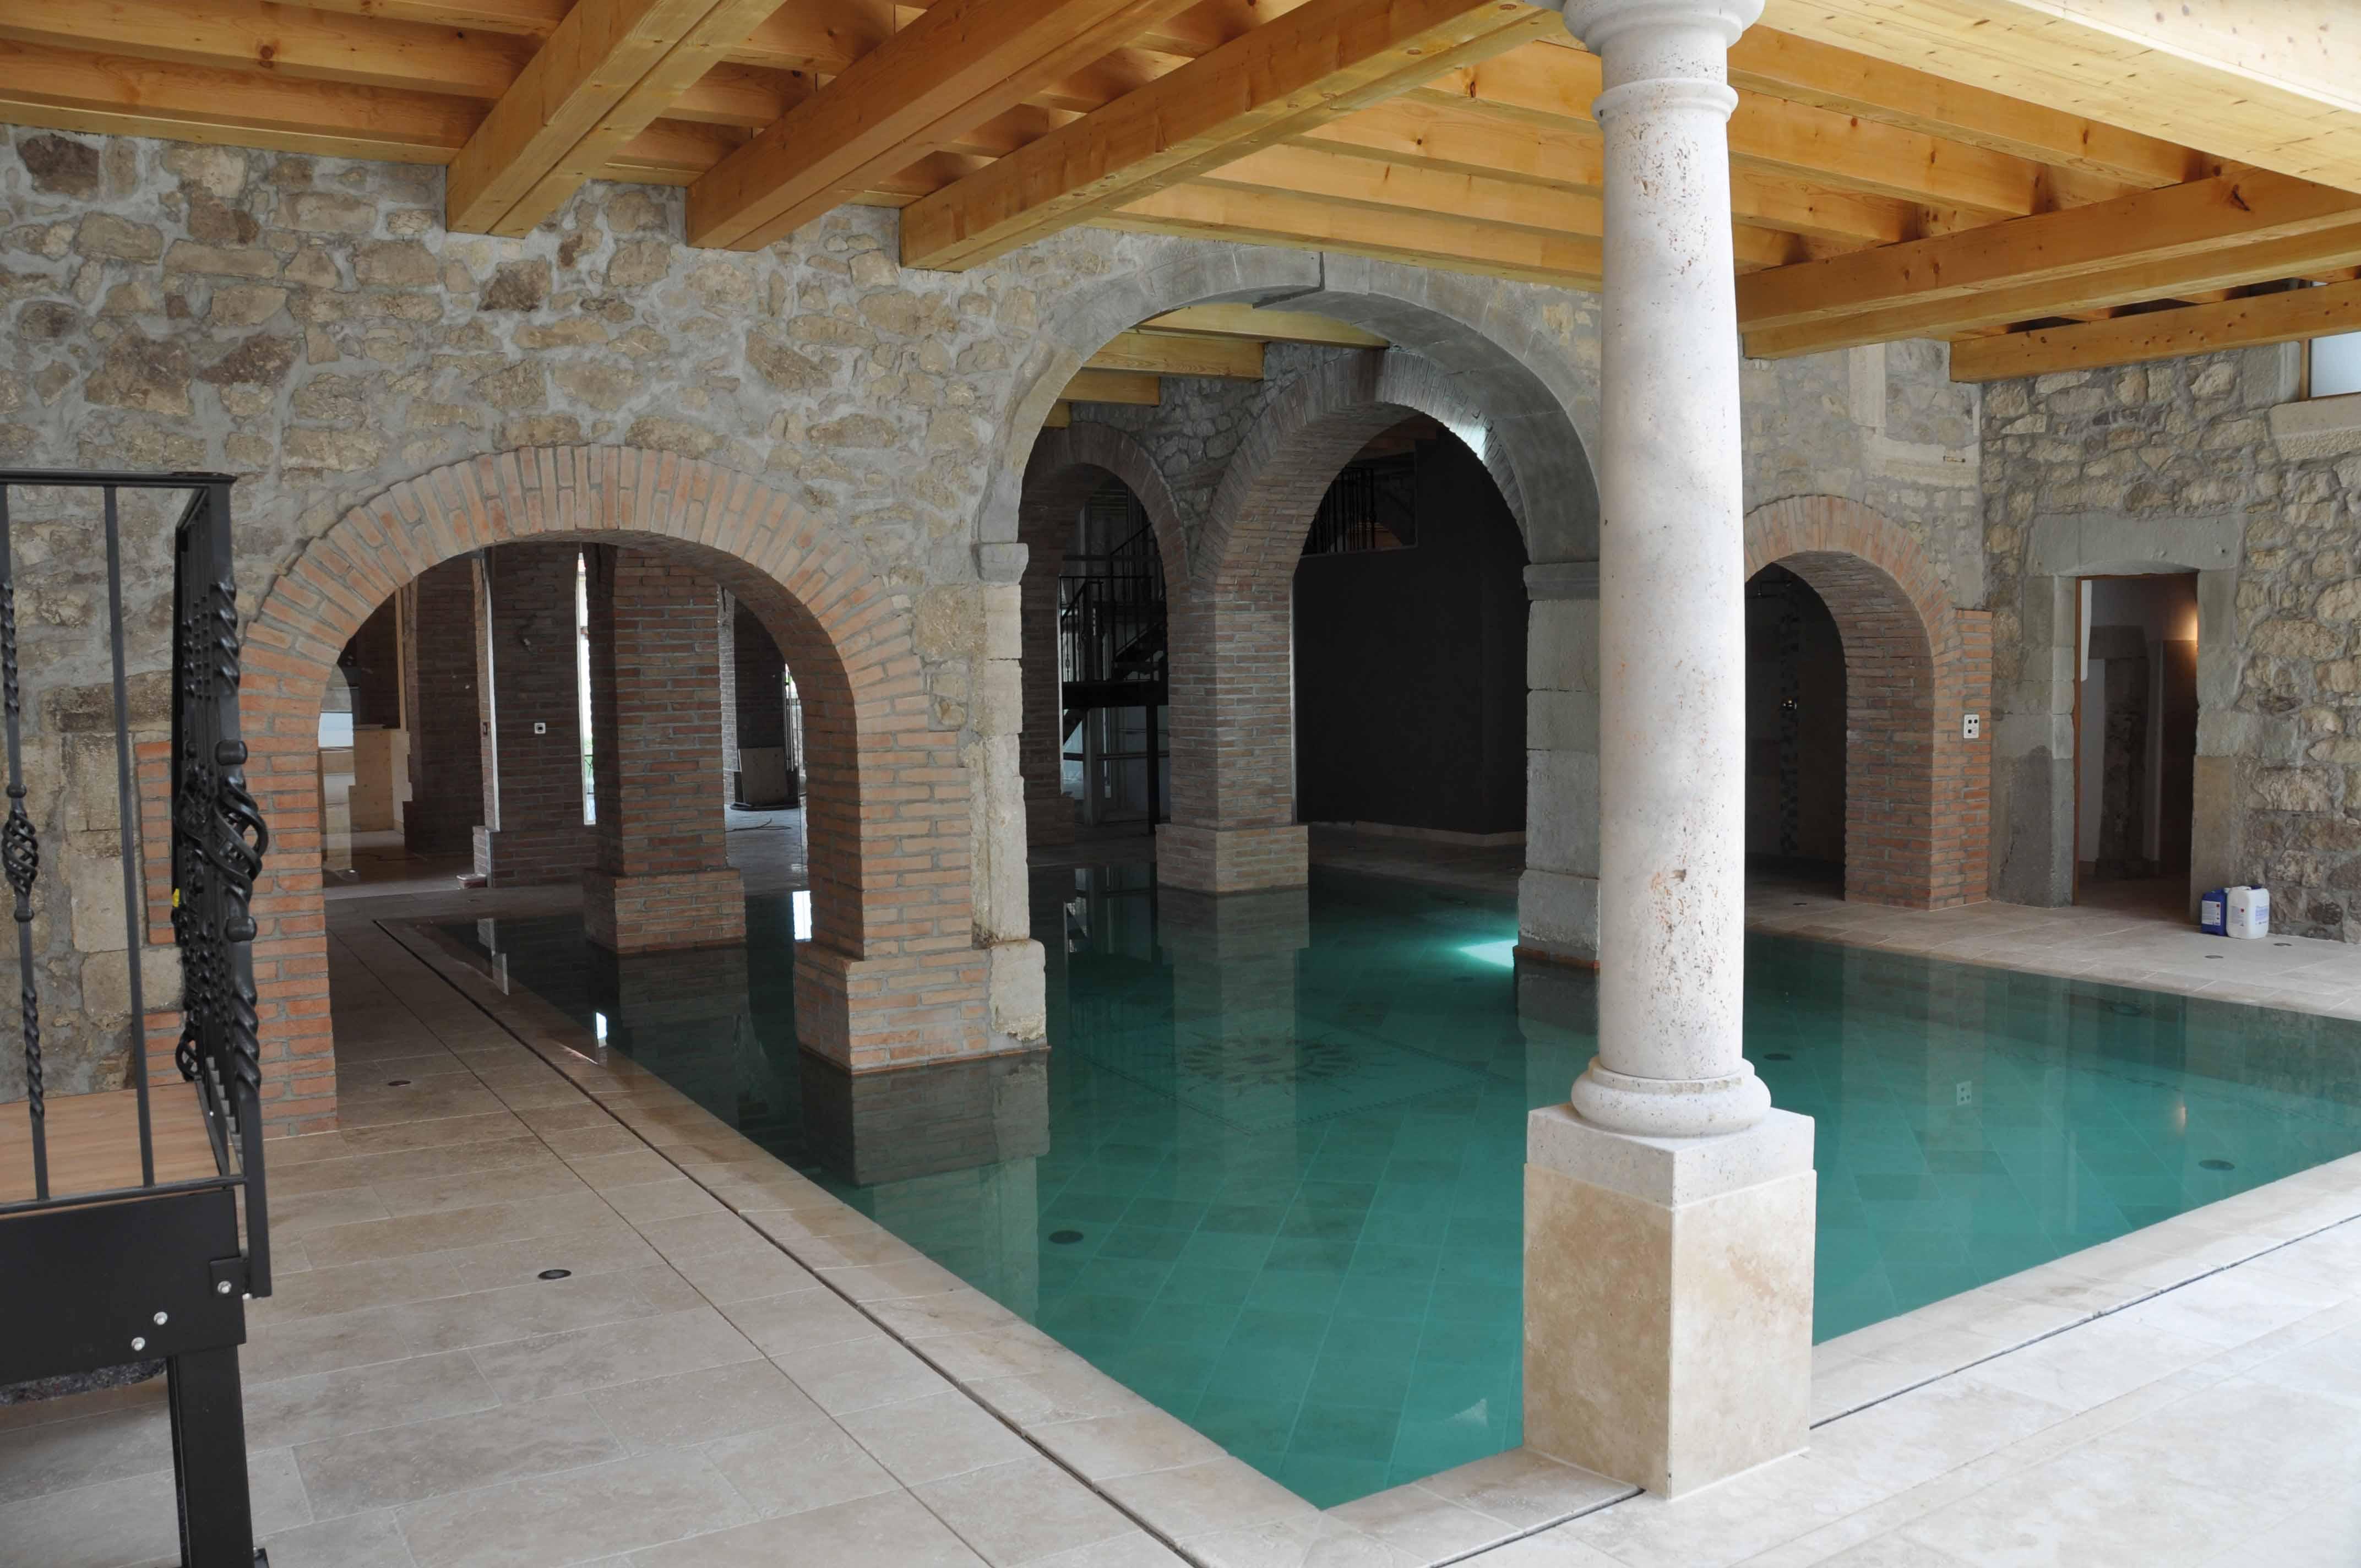 Piscines int rieures piscines bertrand for Piscines interieures